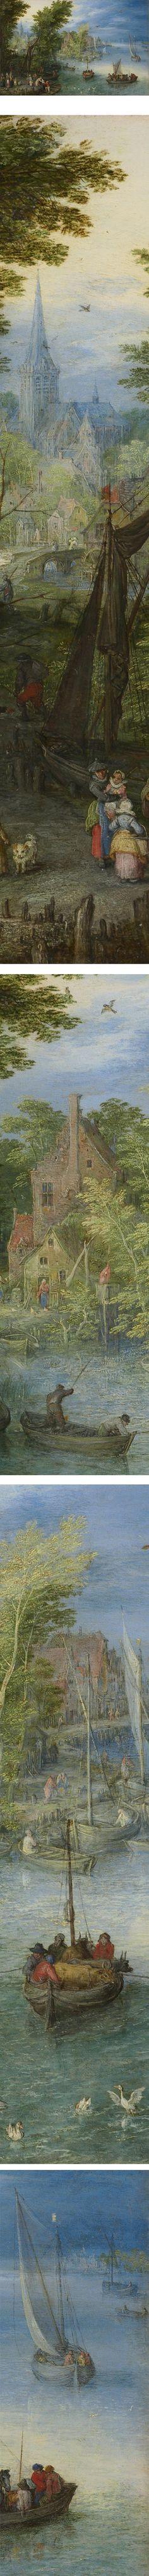 River Landscape, Jan Brueghel the Elder